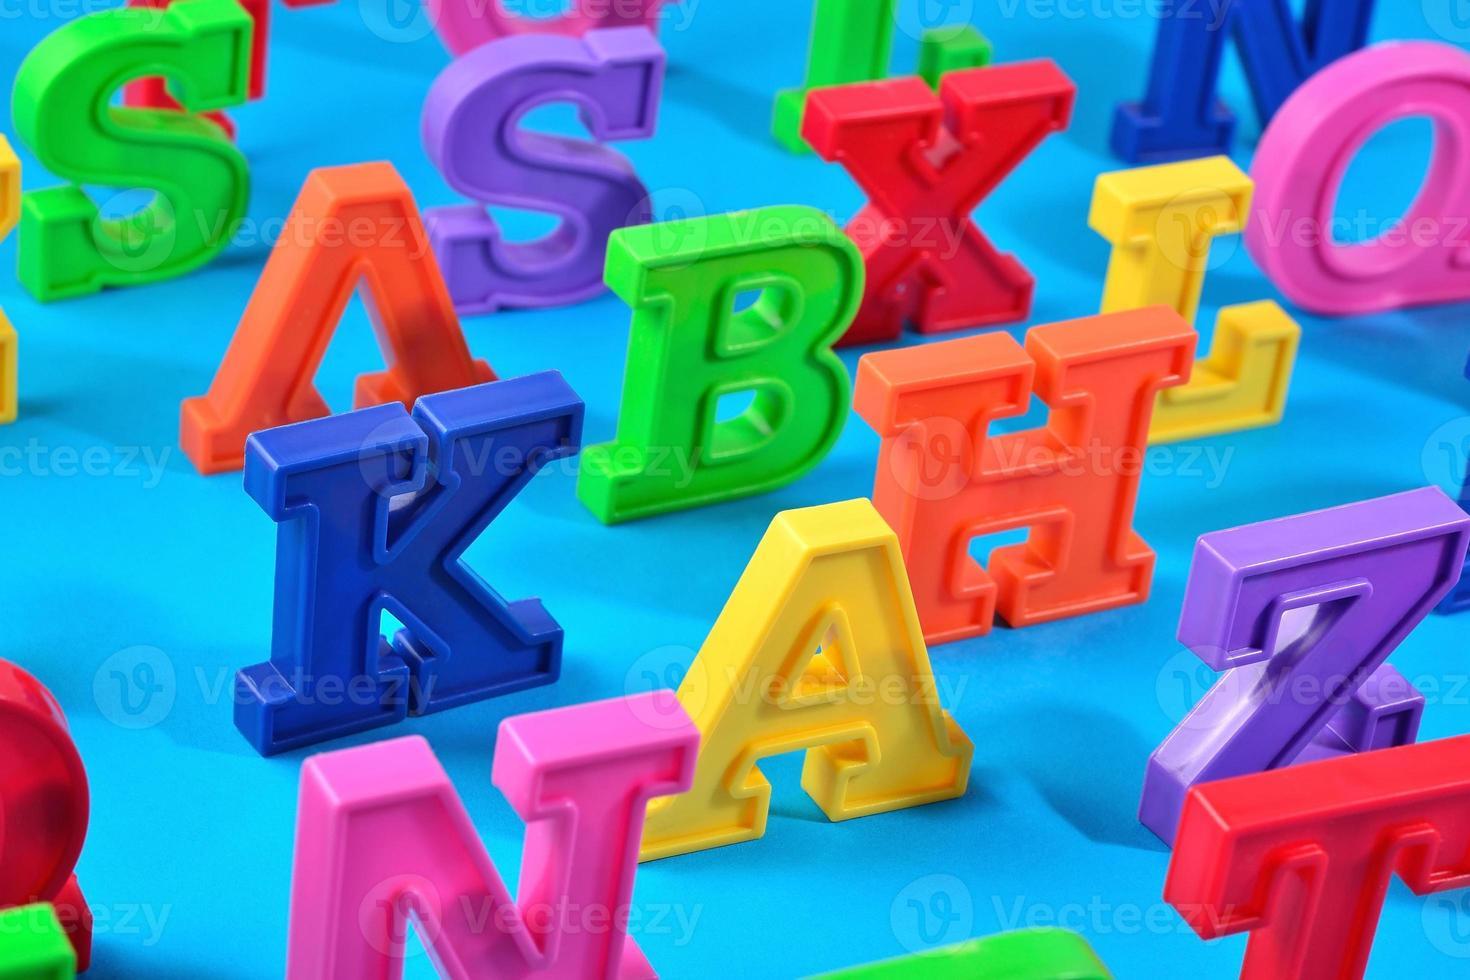 Letras del alfabeto de colores de plástico sobre un fondo azul. foto